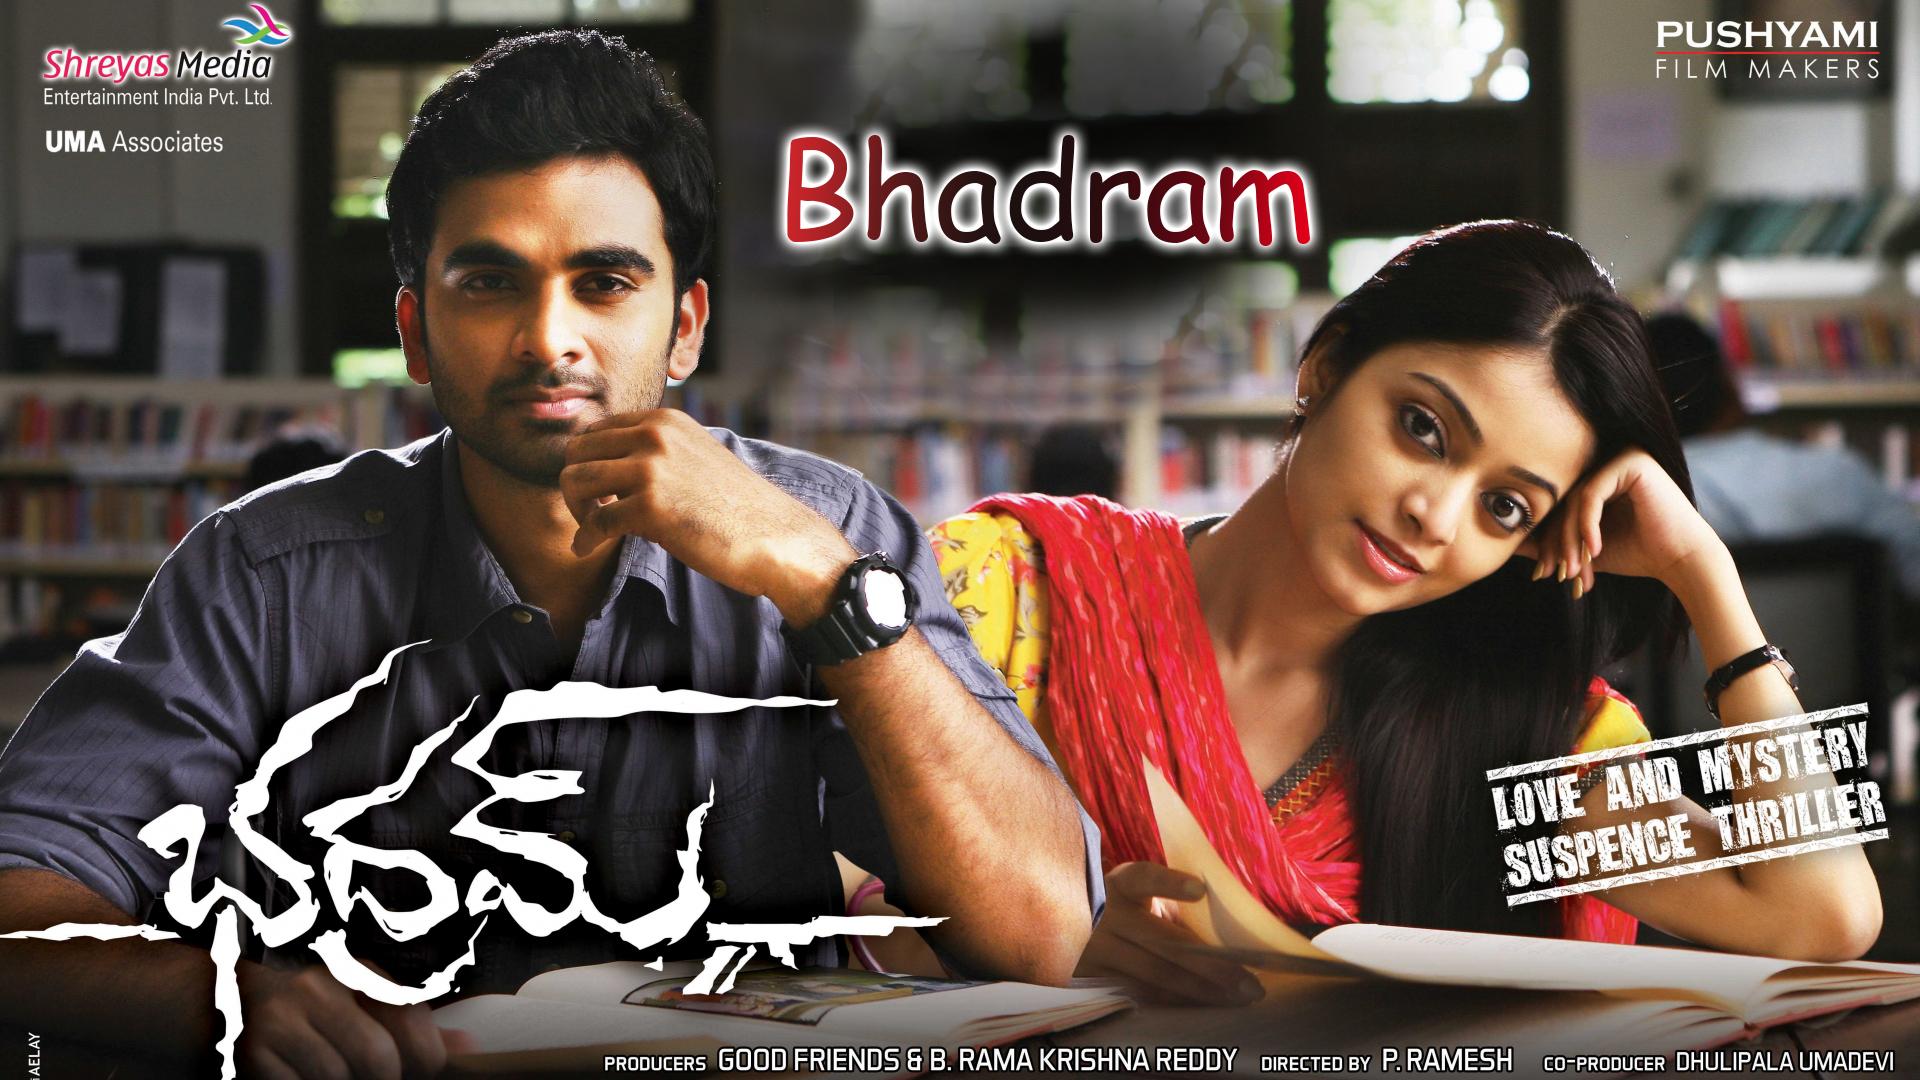 Bhadram